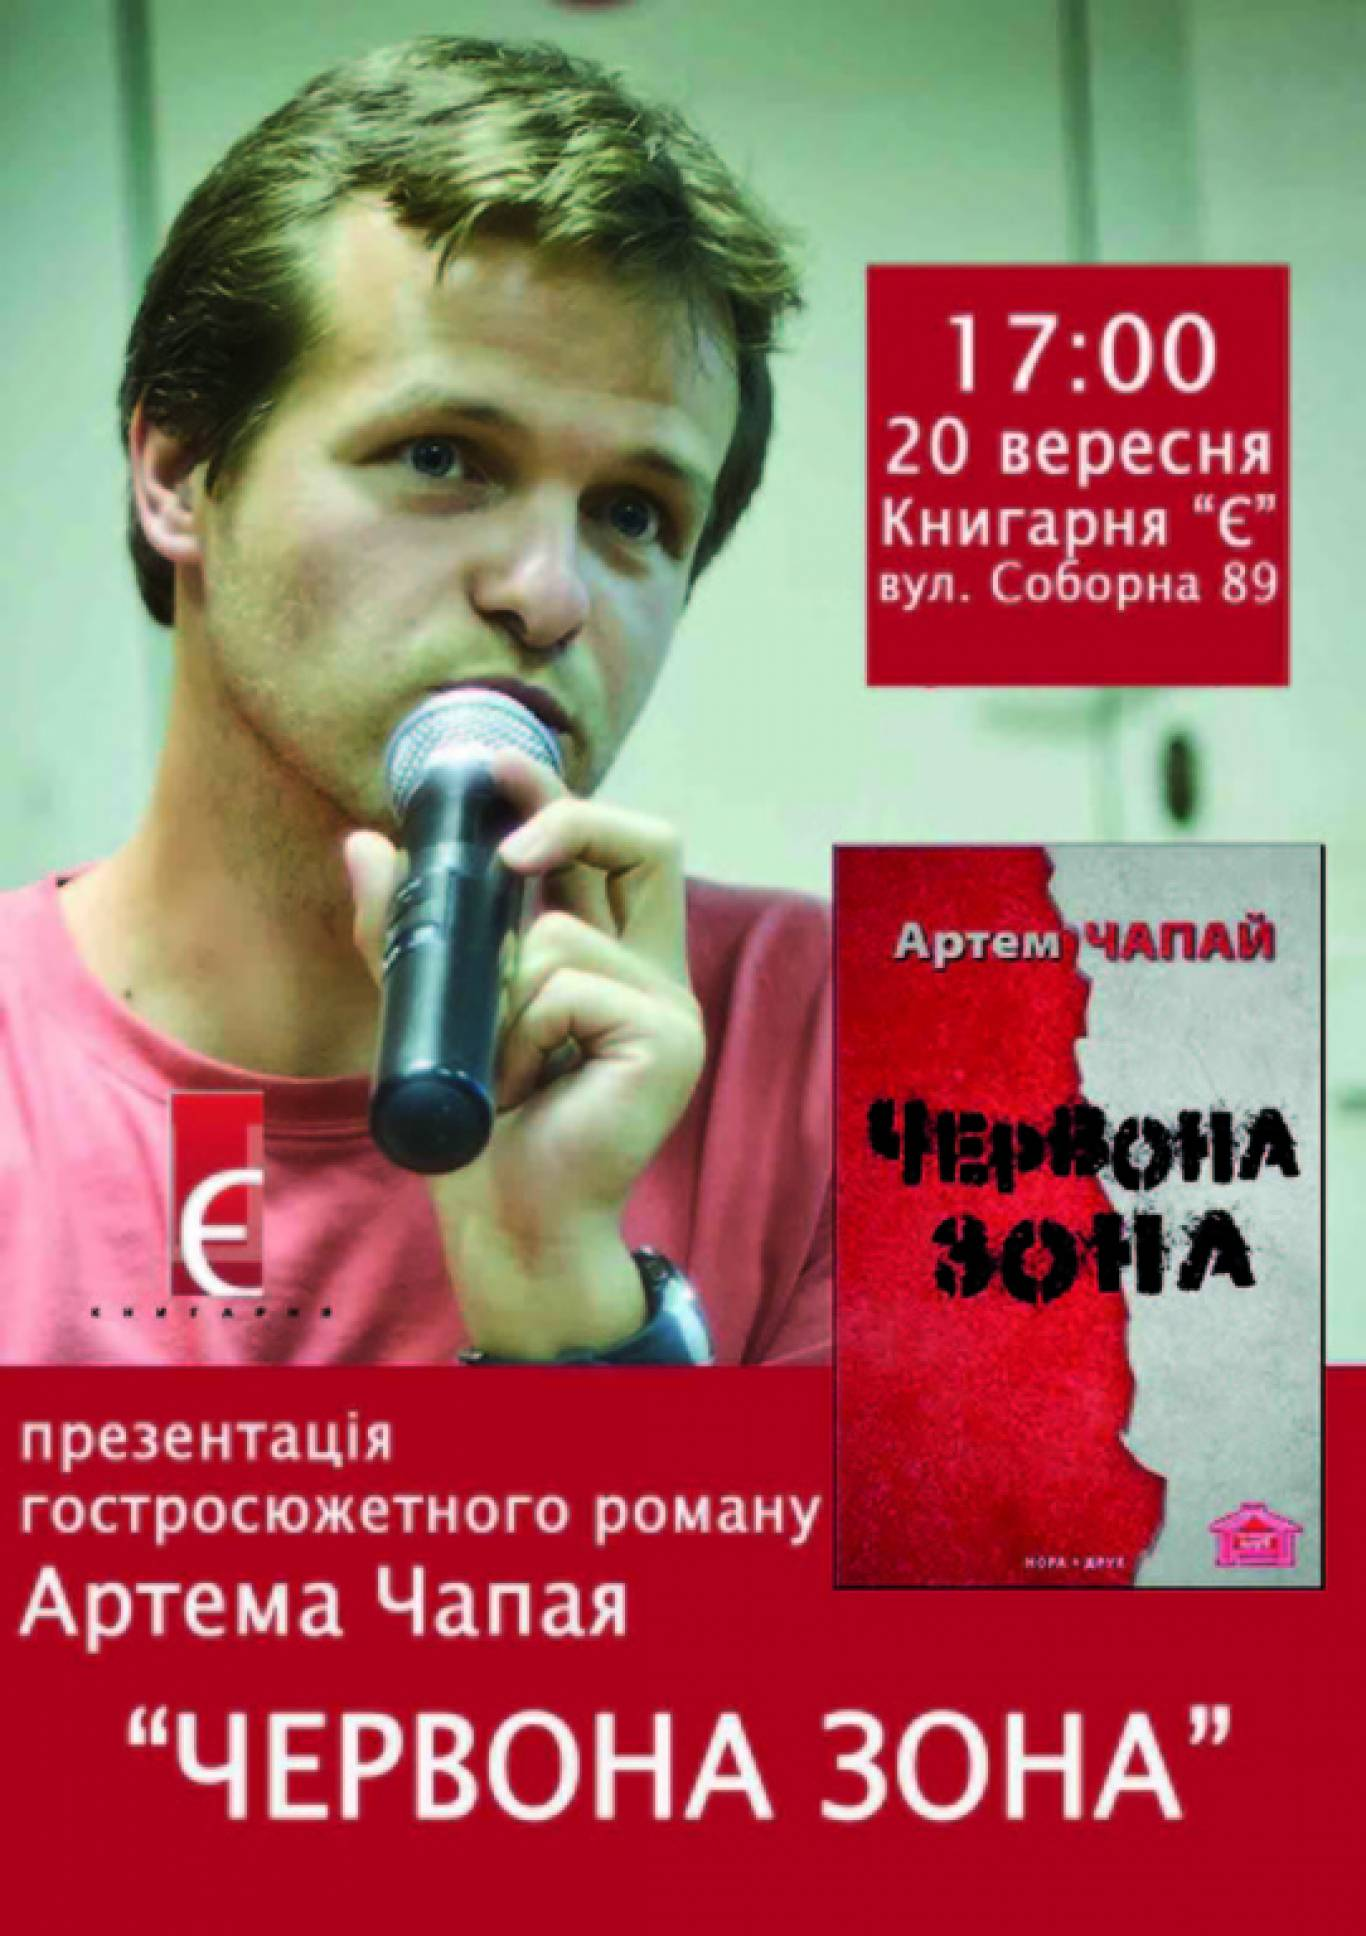 Презентація роману Артема Чапая «Червона зона»